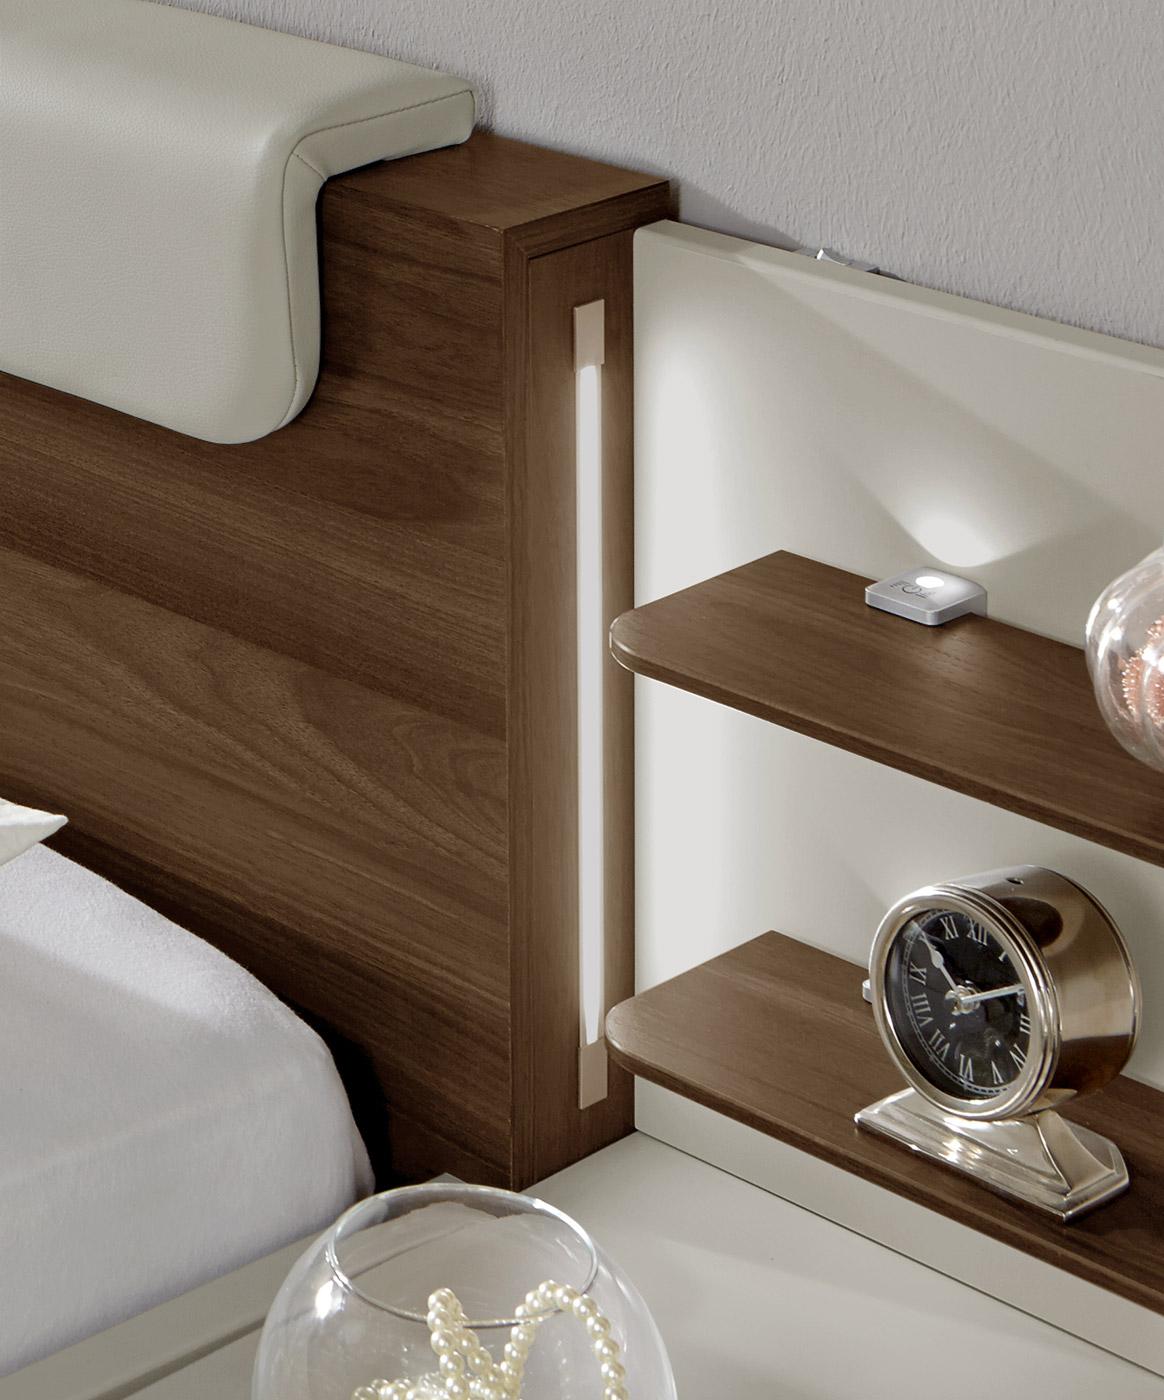 led beleuchtung bett. Black Bedroom Furniture Sets. Home Design Ideas